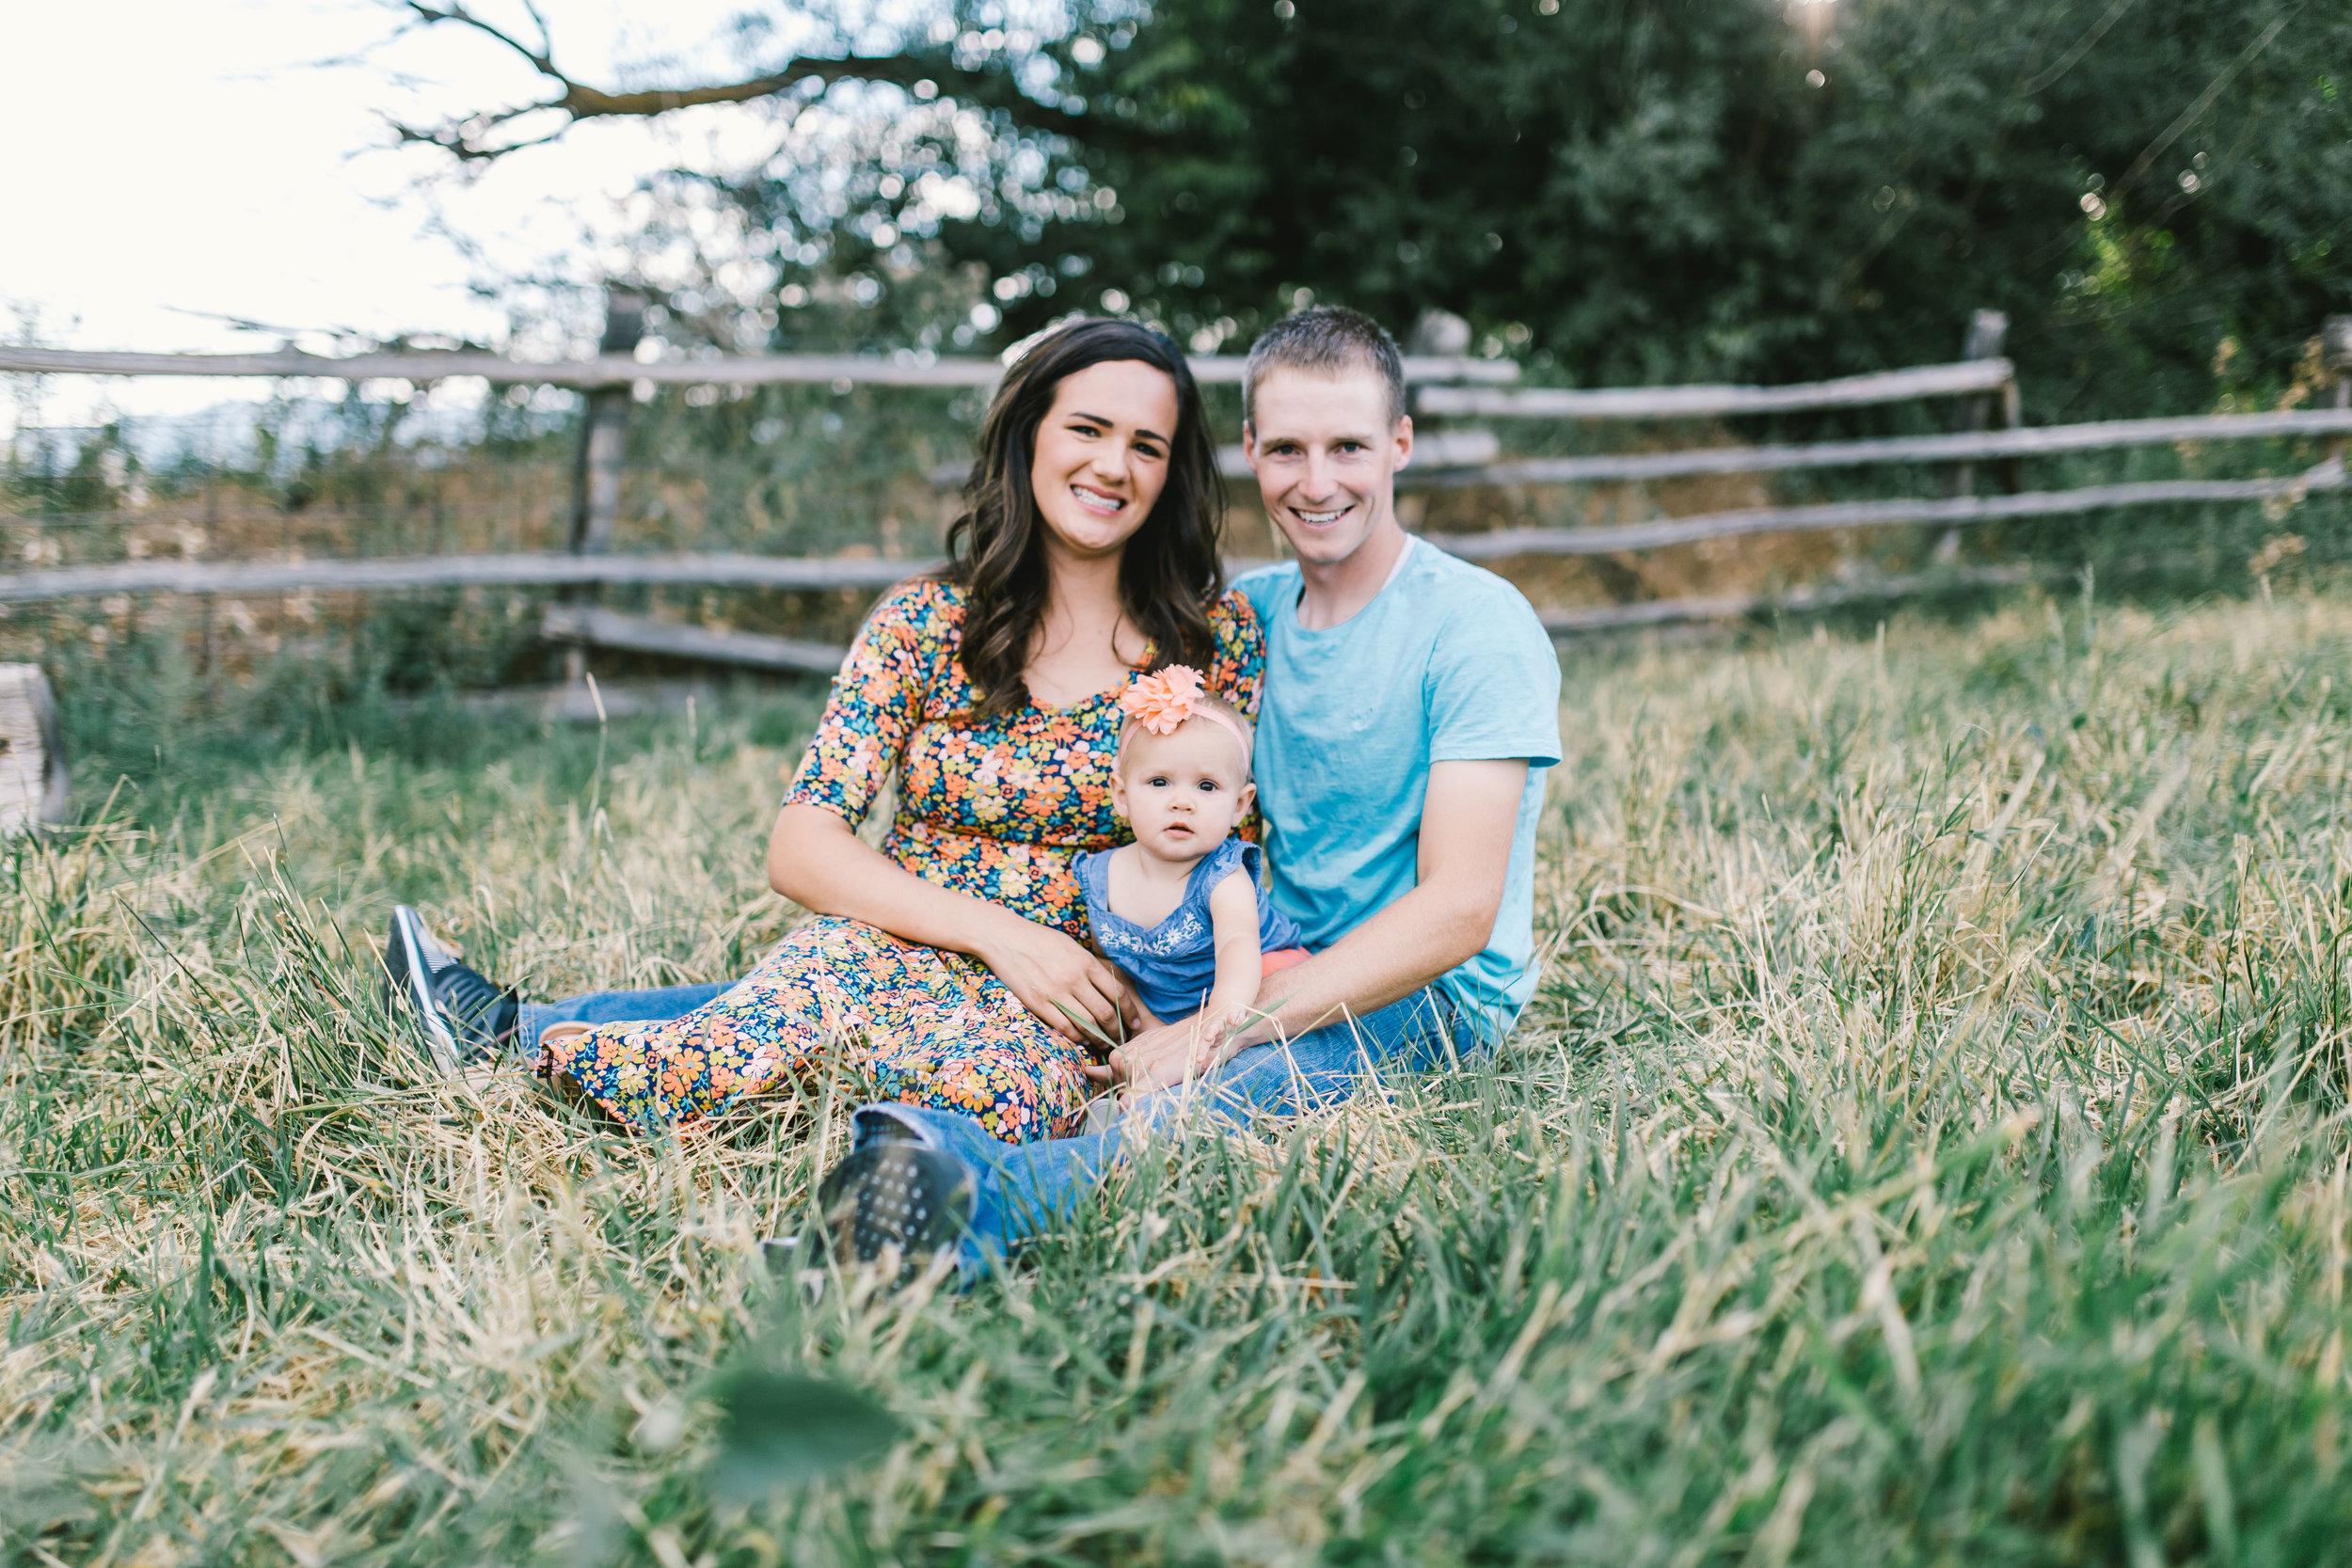 Malad Idaho Family Photographer-8885.jpg